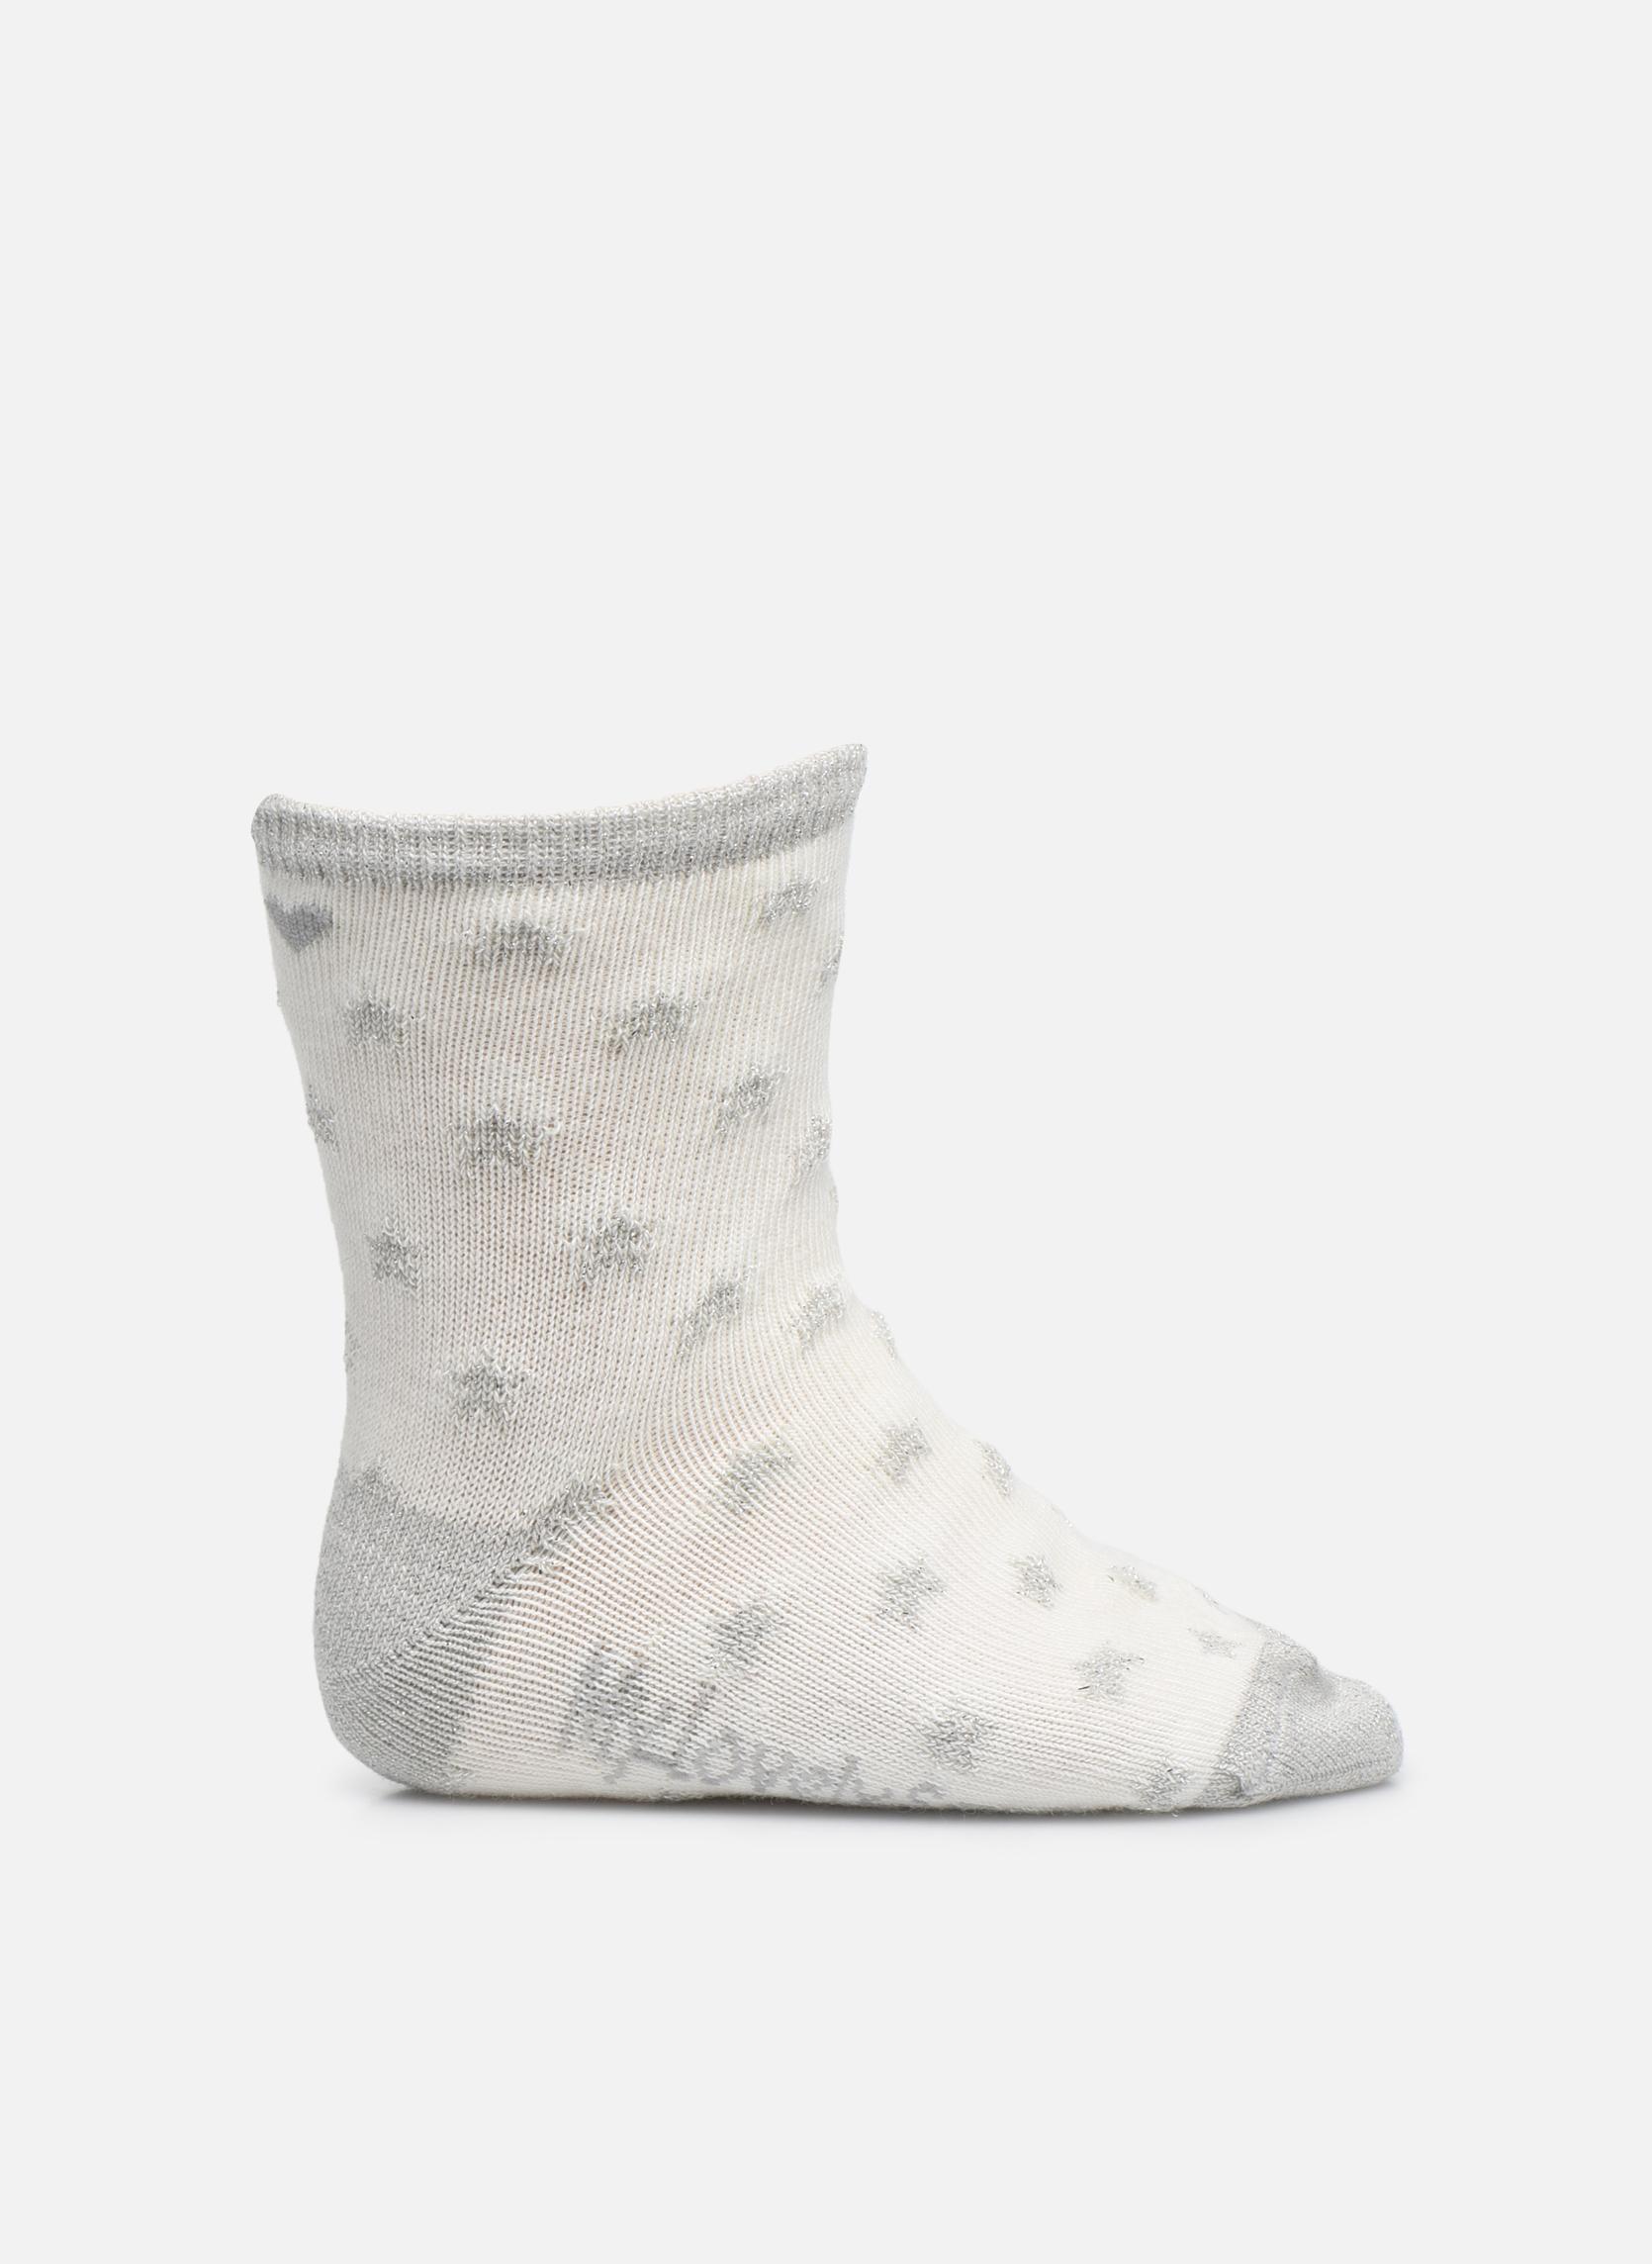 Celeste Stars blanc et gris argenté